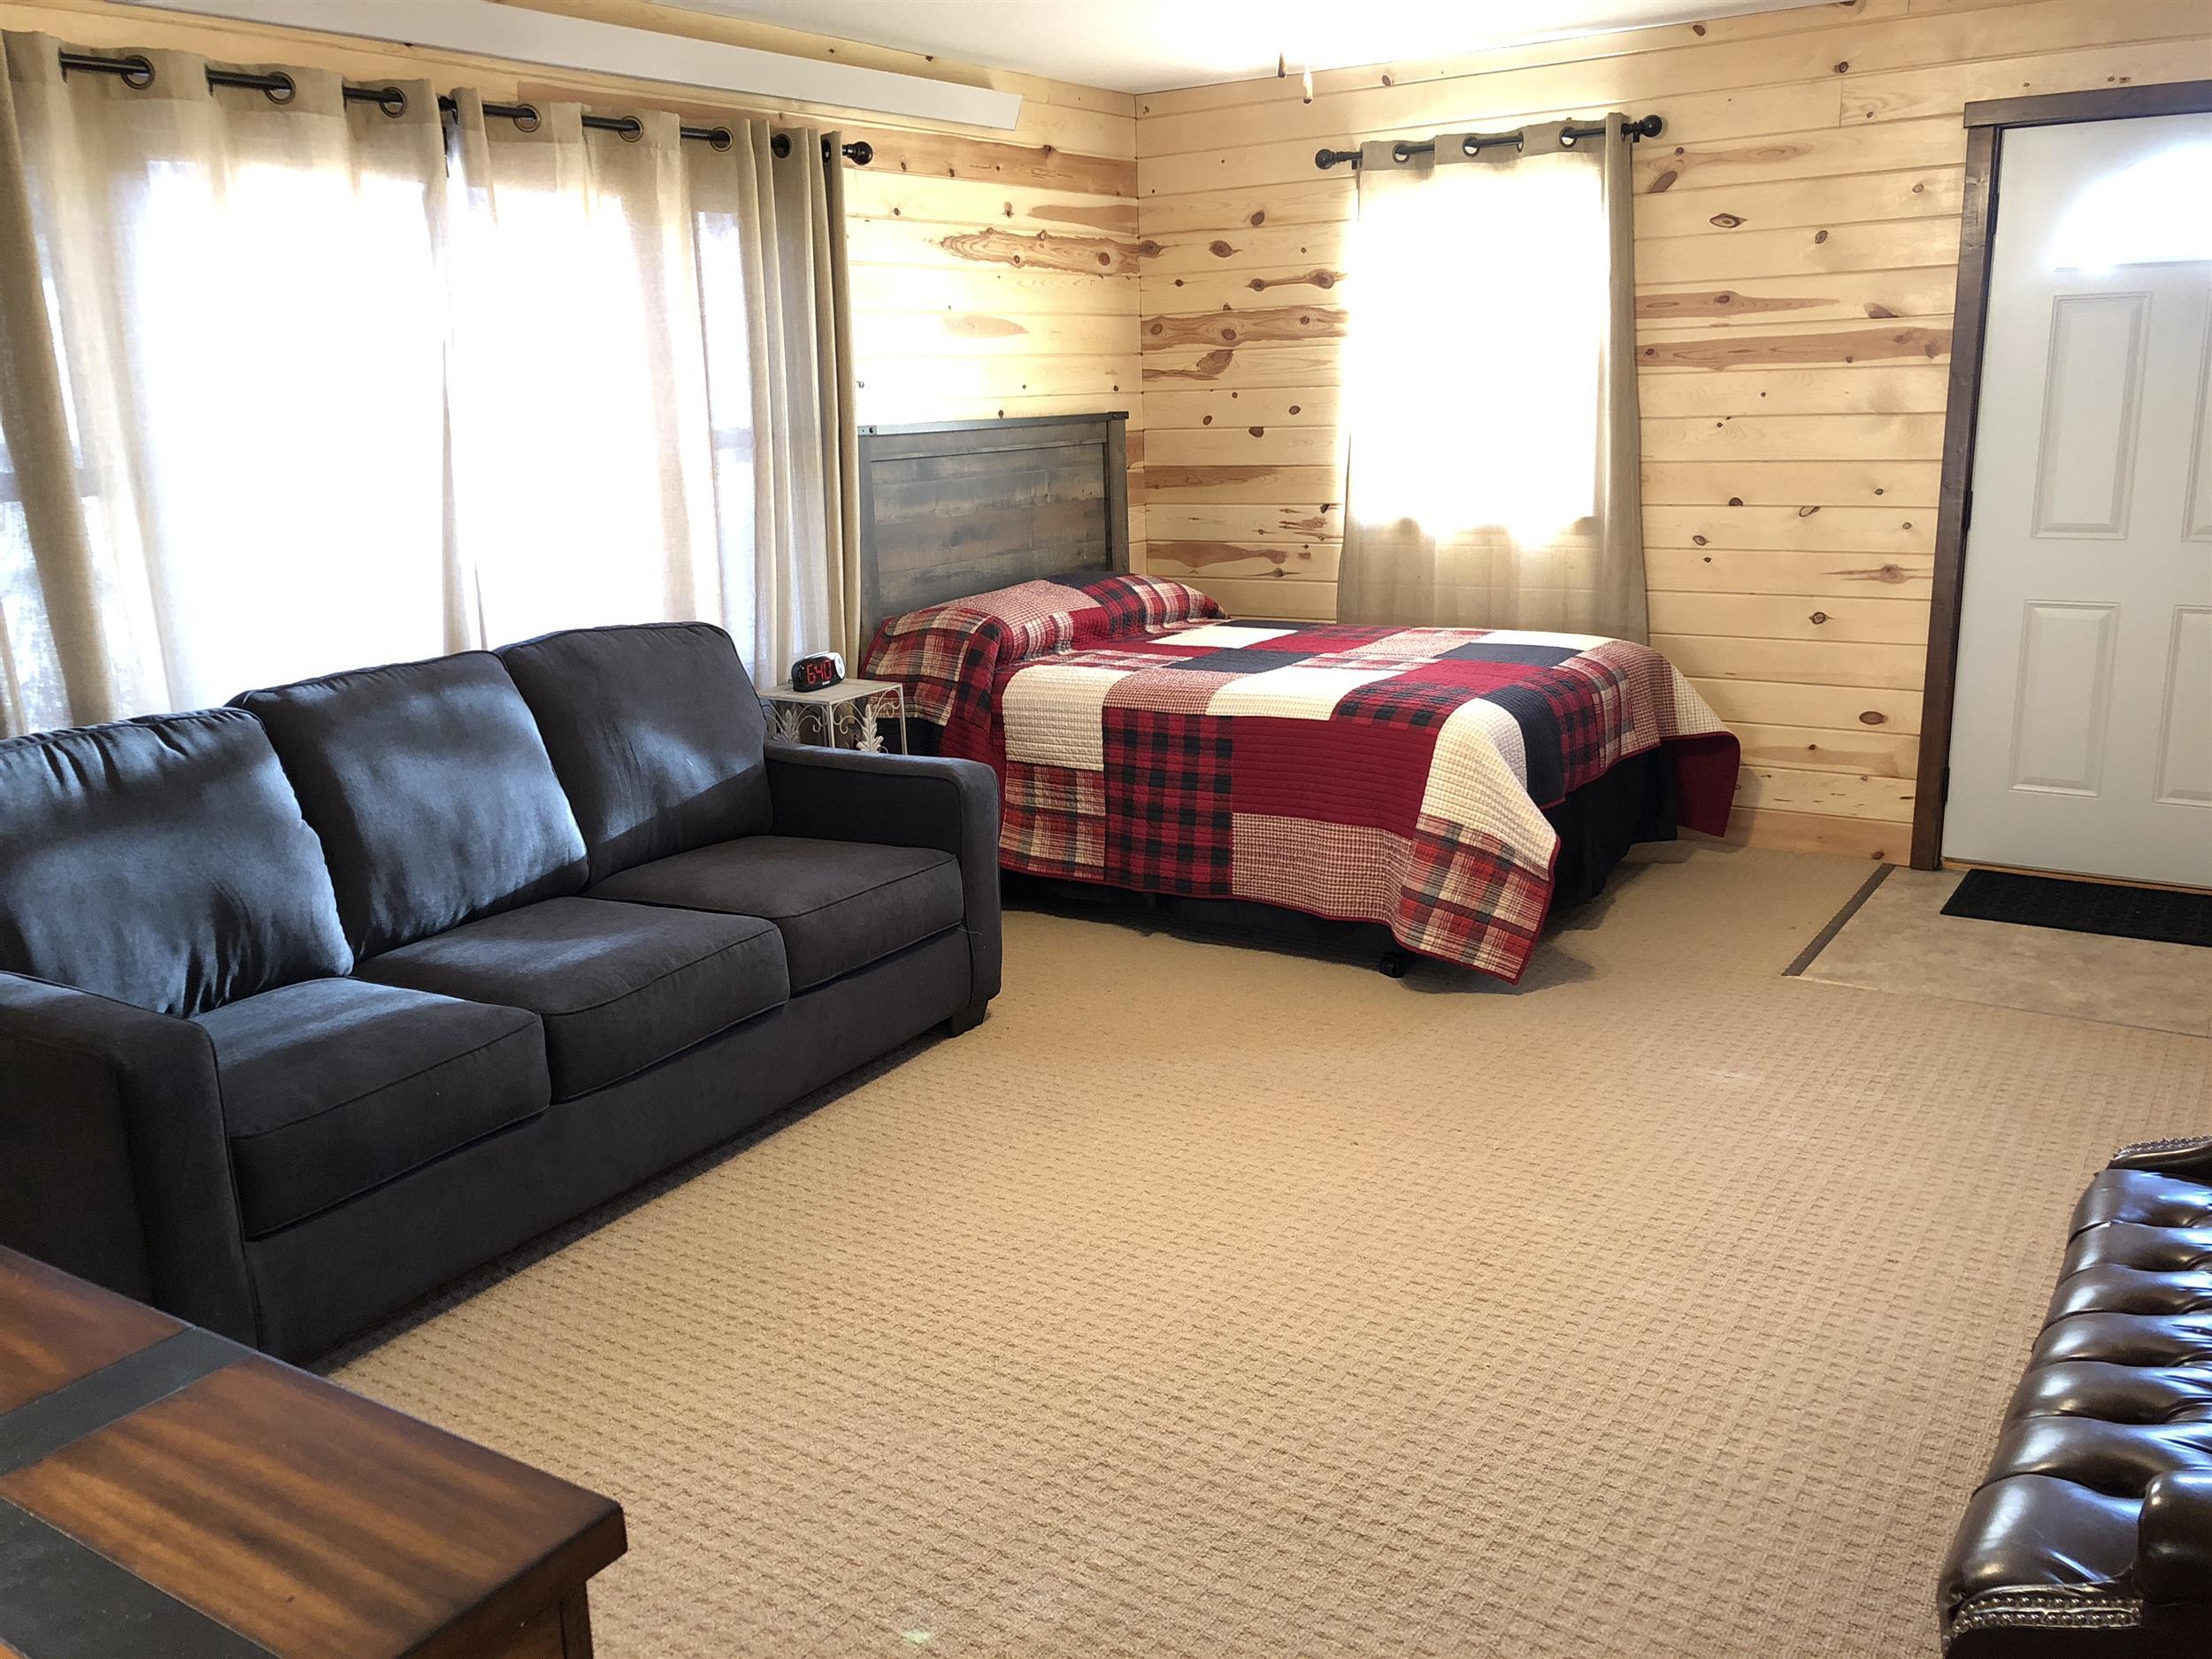 Image for 14 - 15 Gold Dust Multi-Family Cabin, Sleeps 10